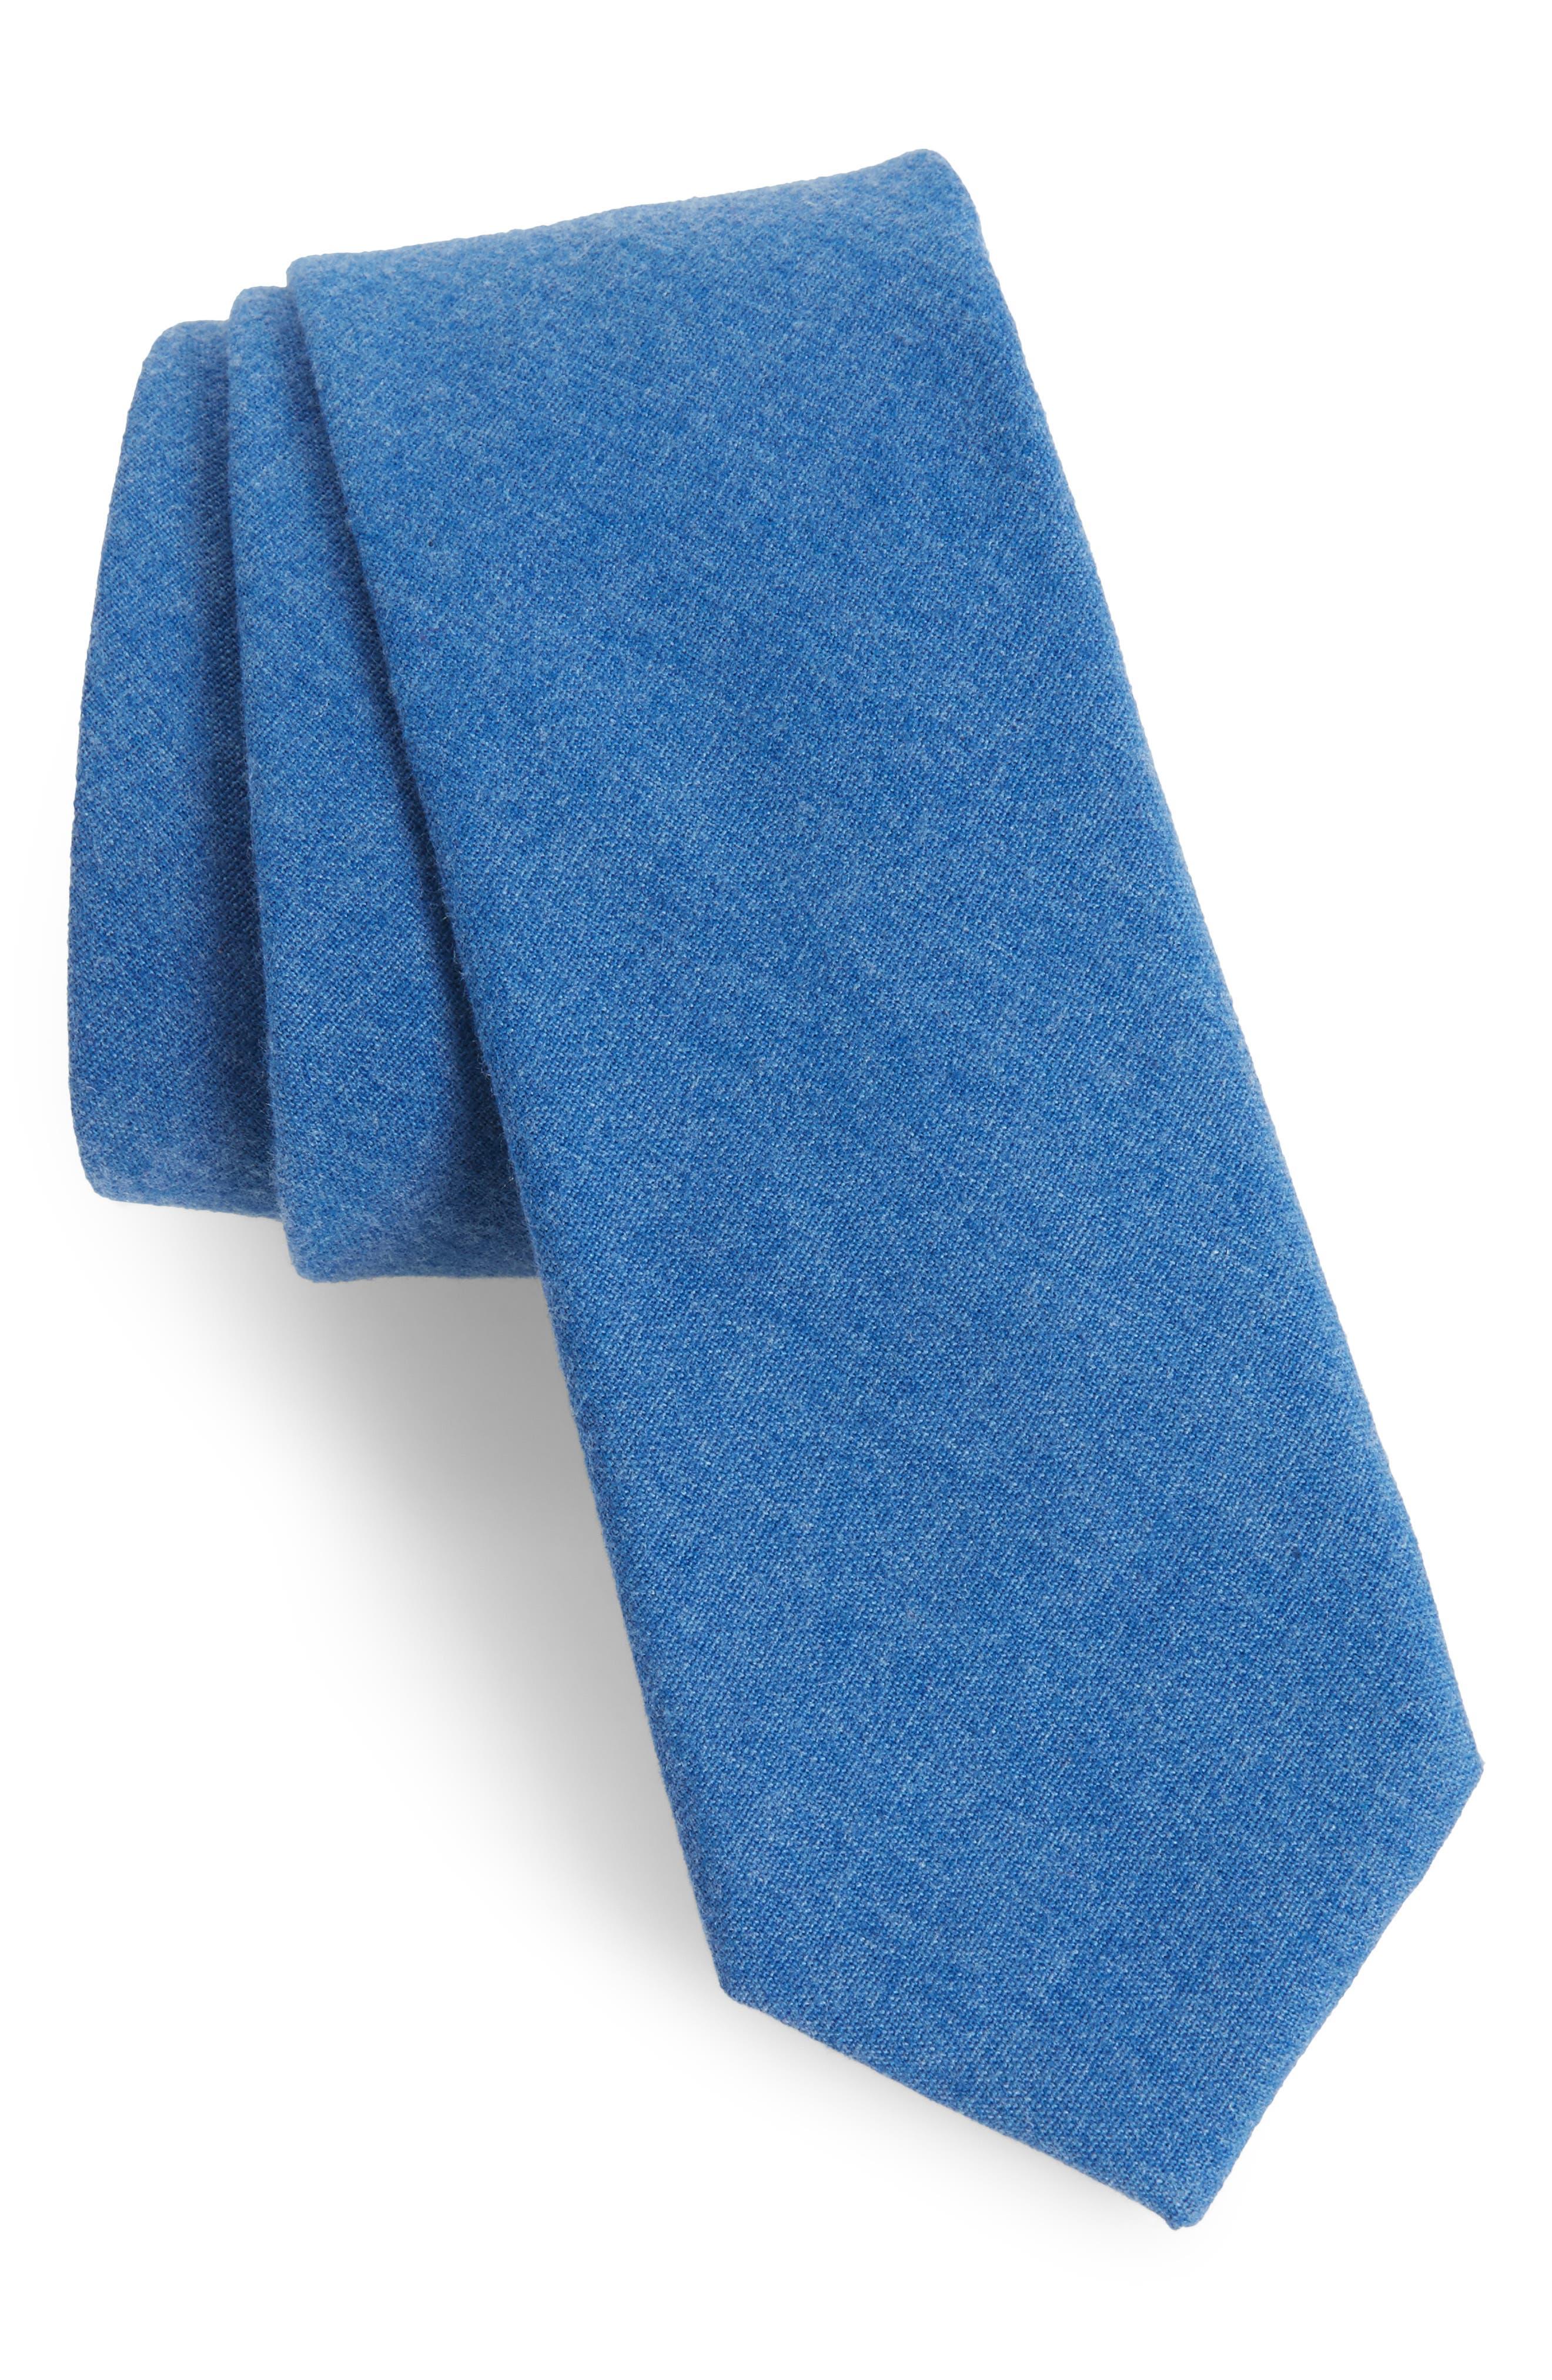 Main Image - Nordstrom Men's Shop Bert Solid Cotton Skinny Tie